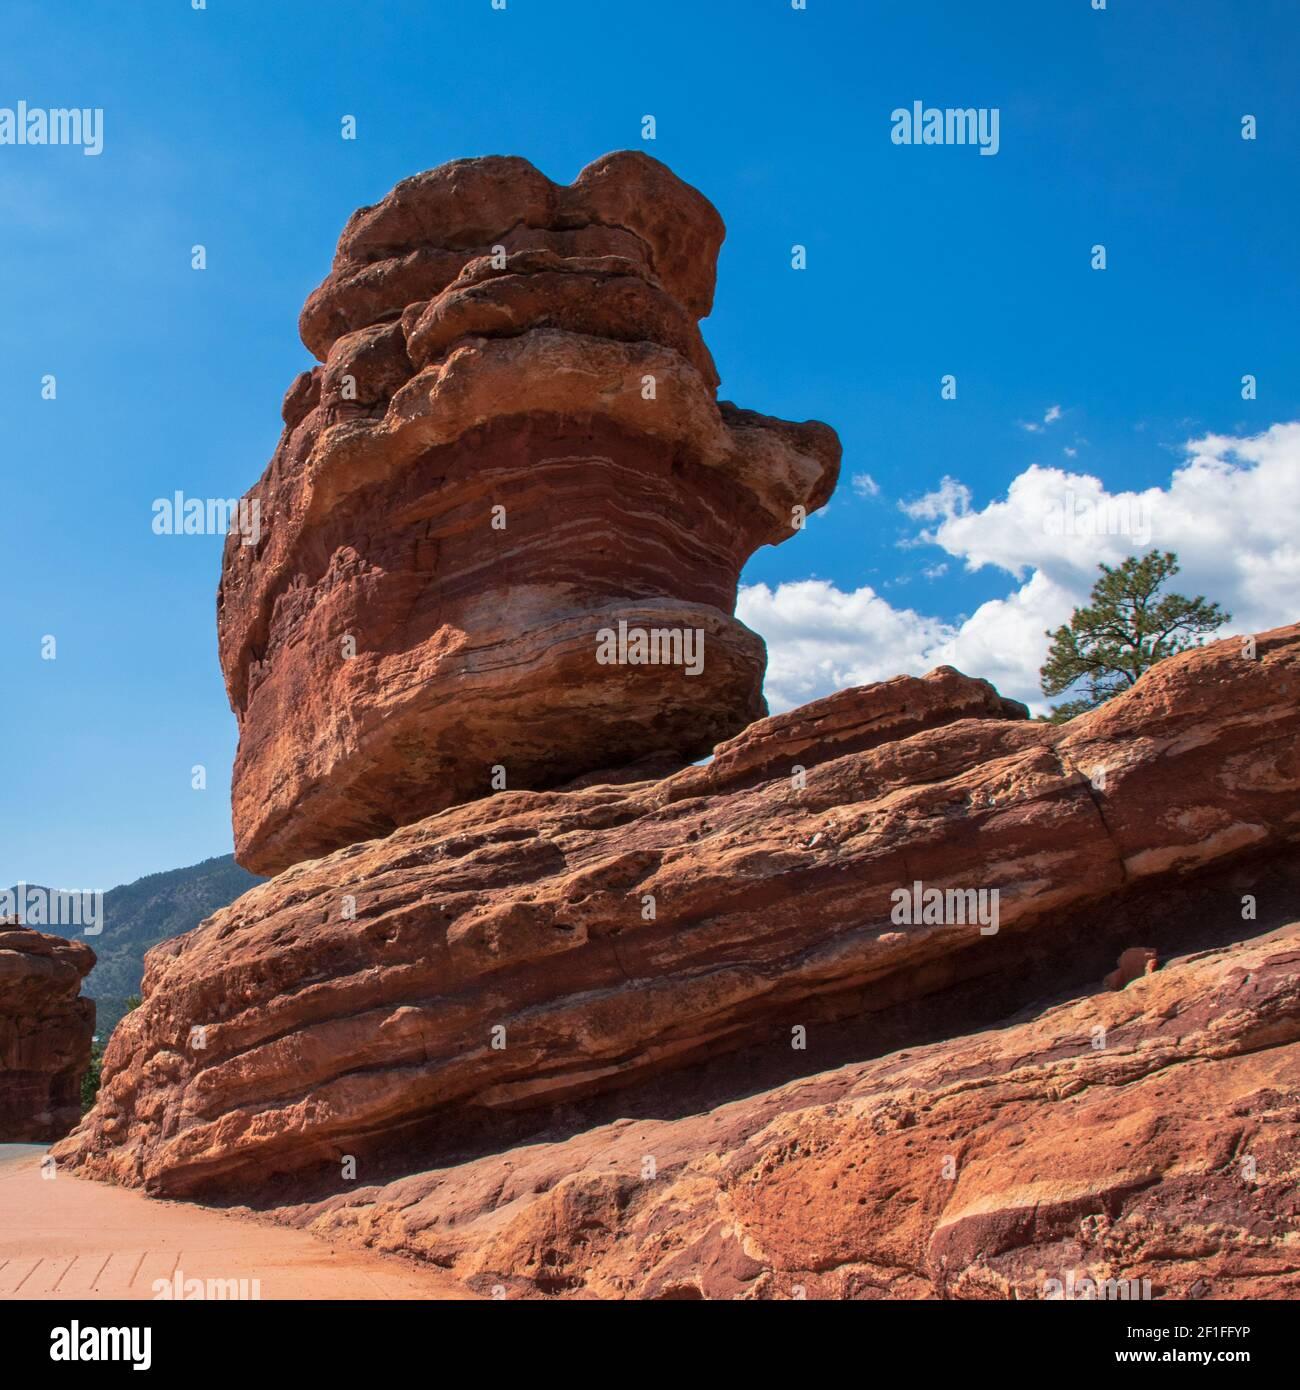 Una foto en formato cuadrado tomada de un lo que parece ser una roca precariamente equilibrada en el Jardín de los Dioses. Foto de stock